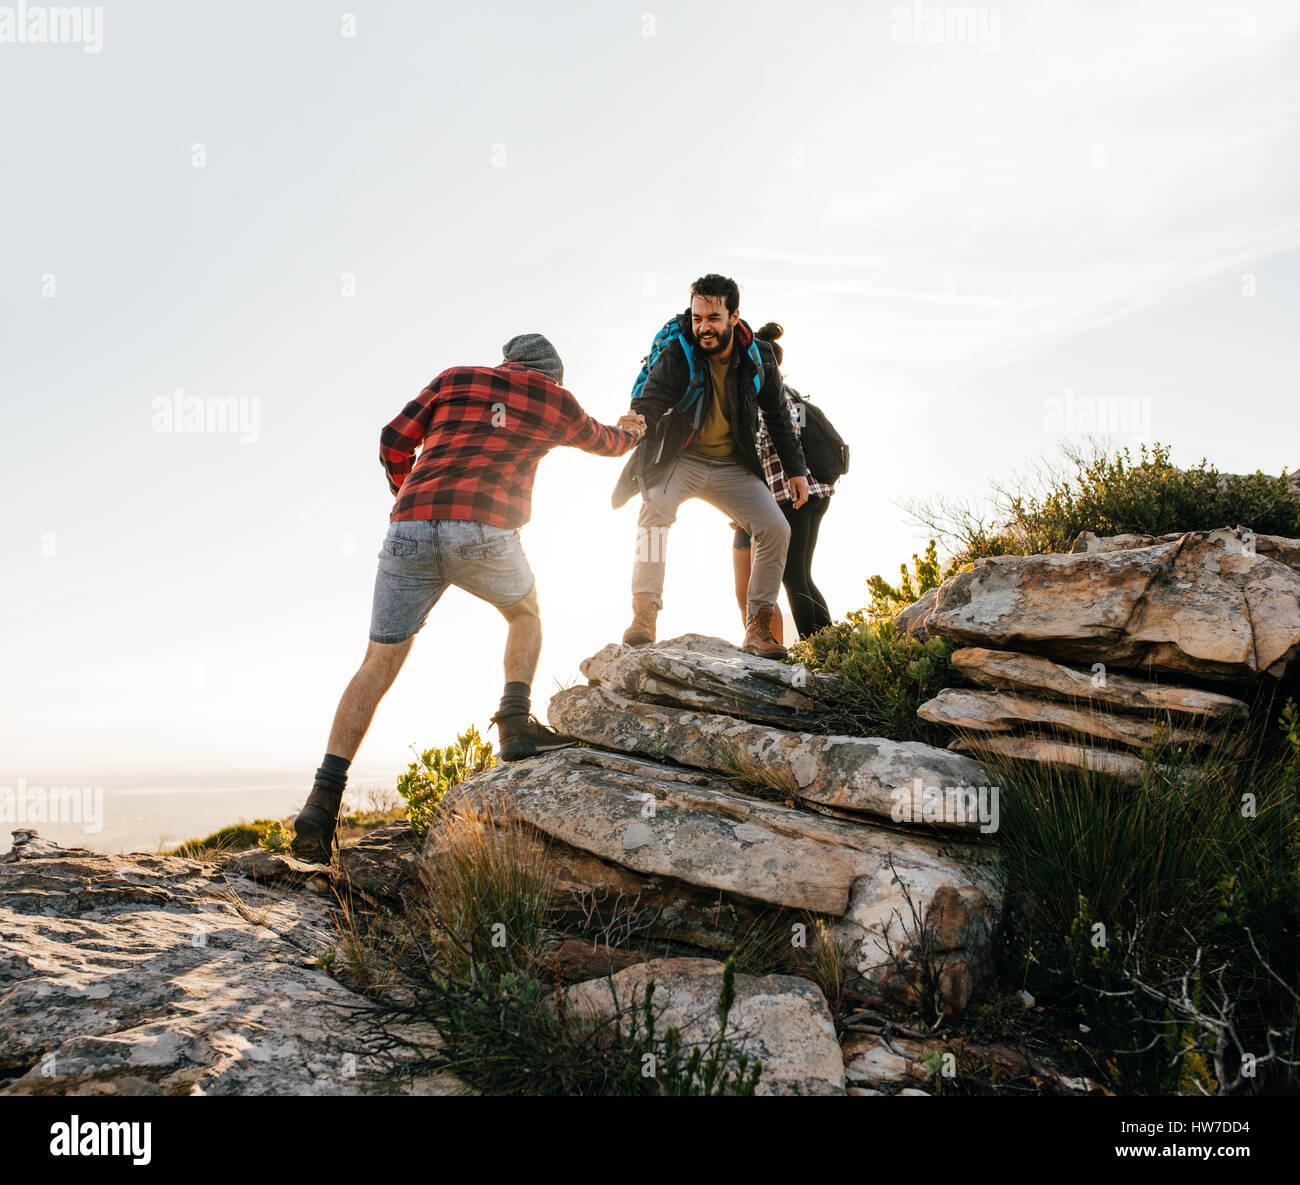 Gruppe von Wanderern, die lange Spaziergänge in der Natur. Freunde nehmen einen Ausflug auf einem Berg. Stockbild